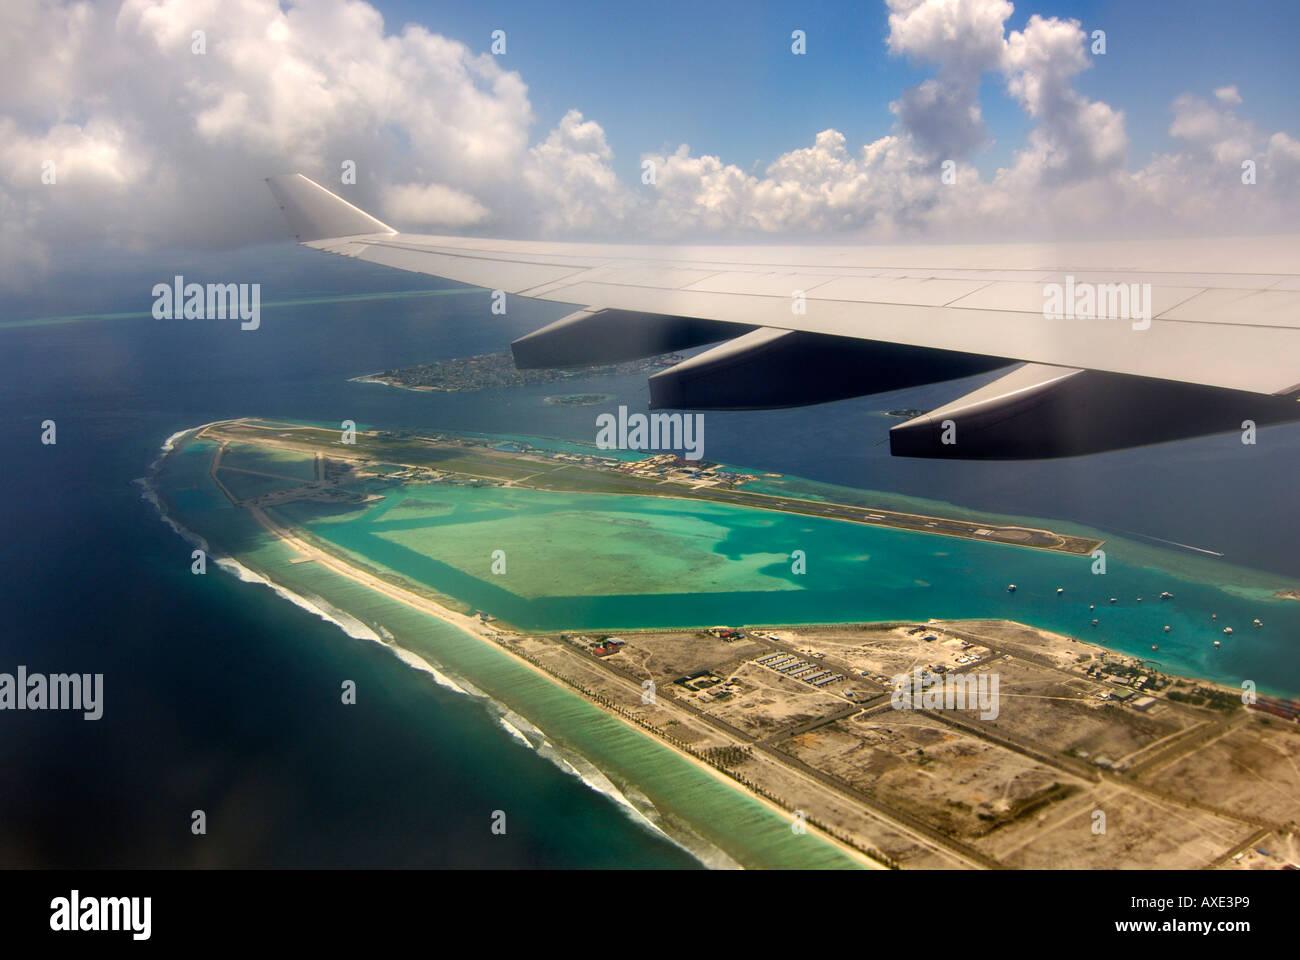 Aeroporto Male Maldive : Aeroporto di male maldives foto immagine stock alamy